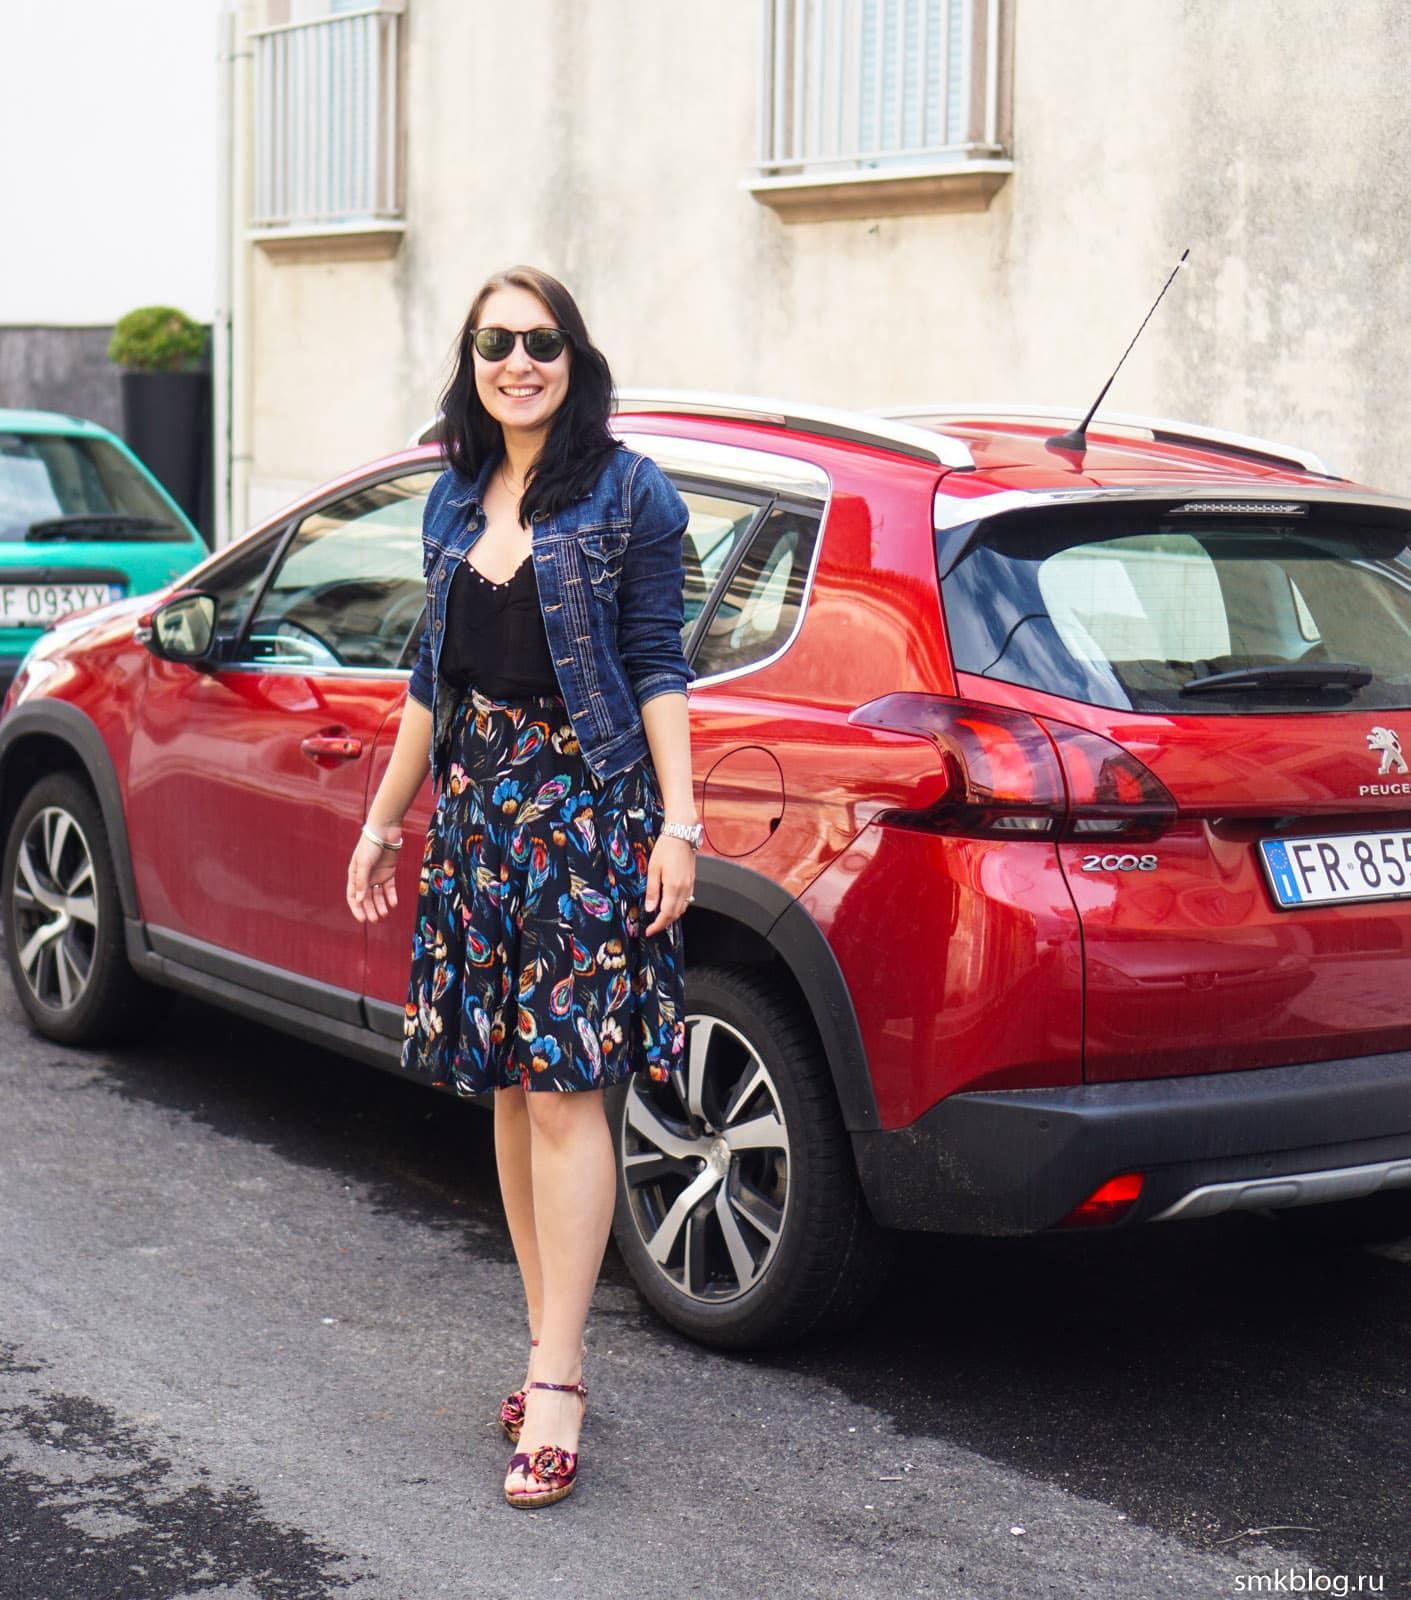 Сицилия прокат авто без залога автосалон сааб москве